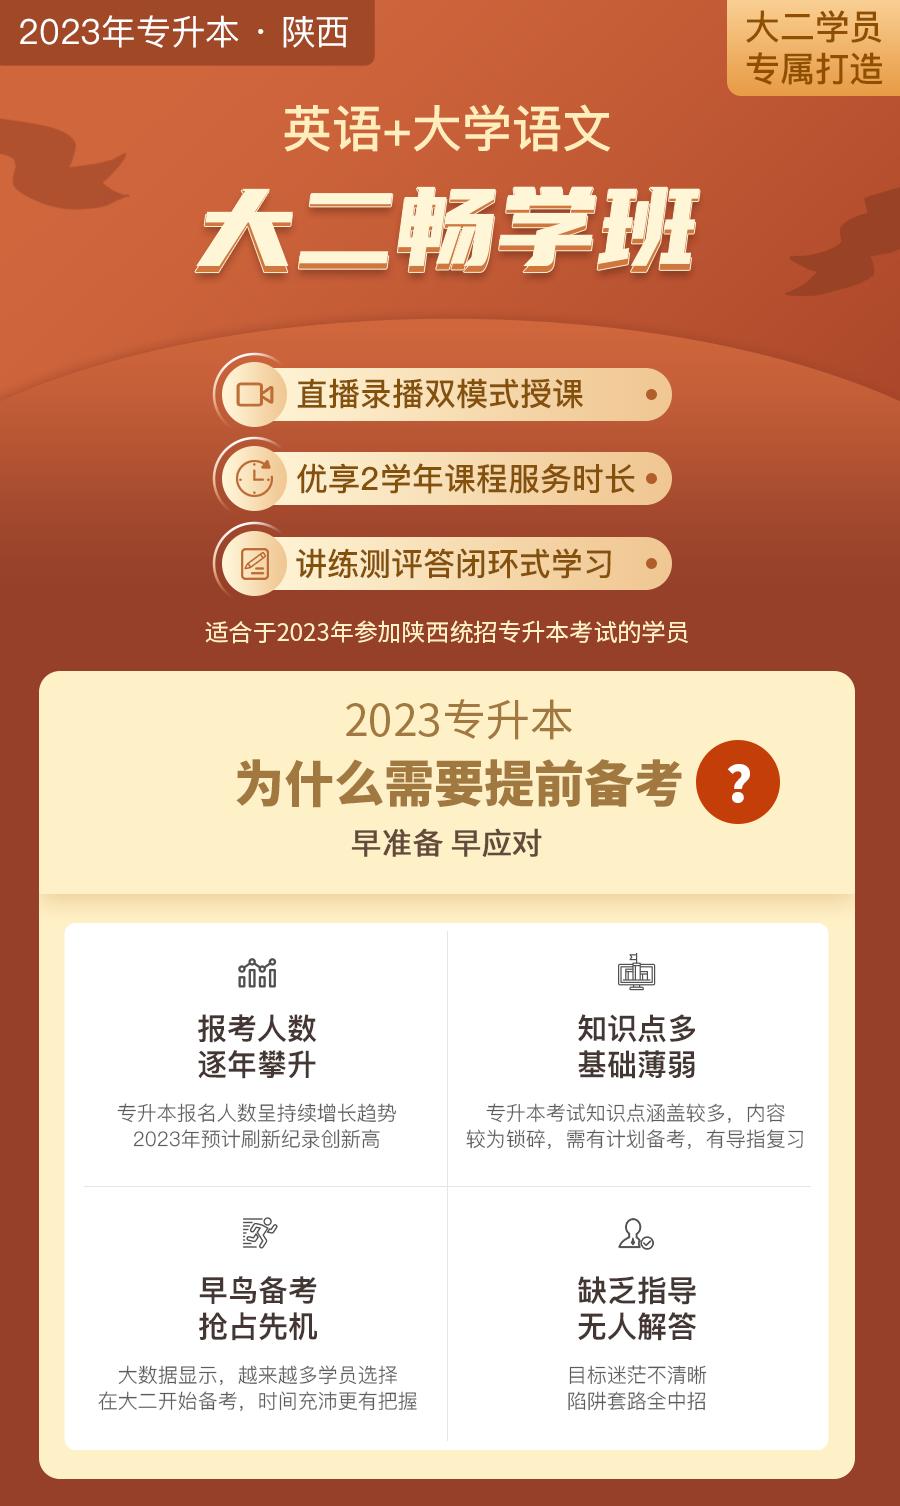 大二畅学班-陕西-英语+大学语文_01.png